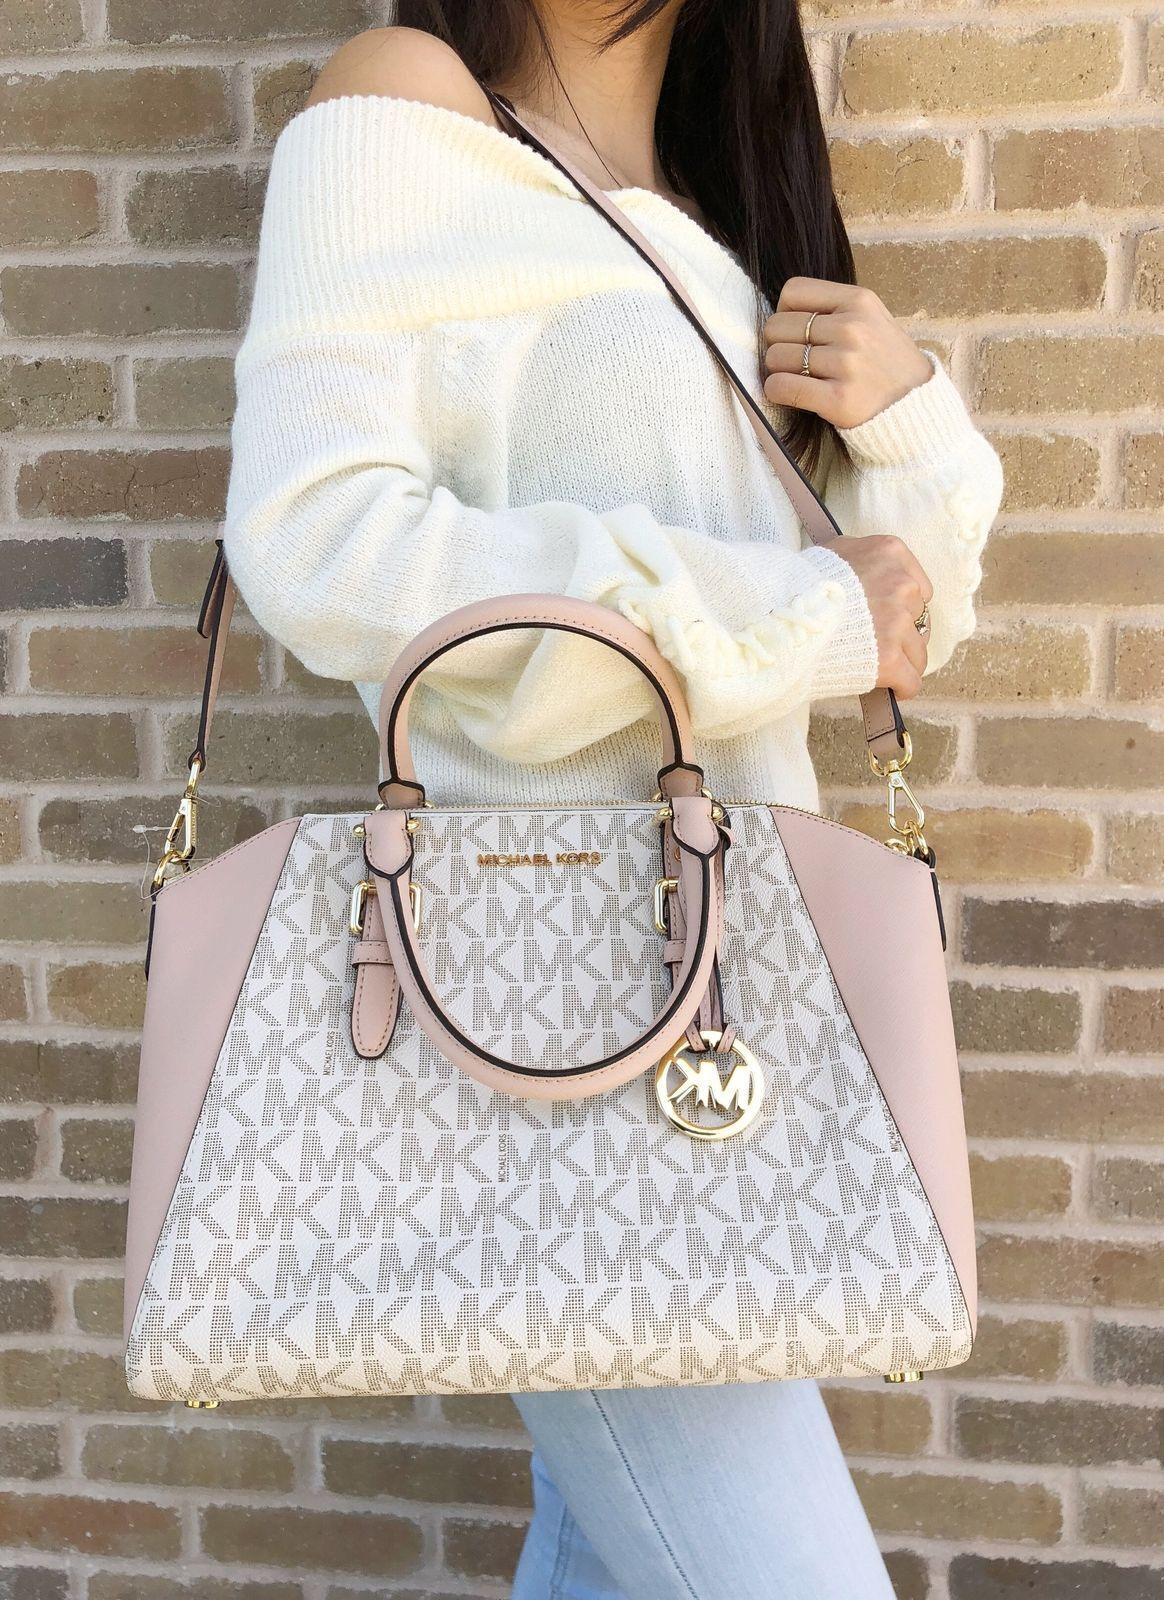 ec50ceb88fa9 Authentic Michael Kors Ciara Large Satchel Signature Handbag Ballet ...